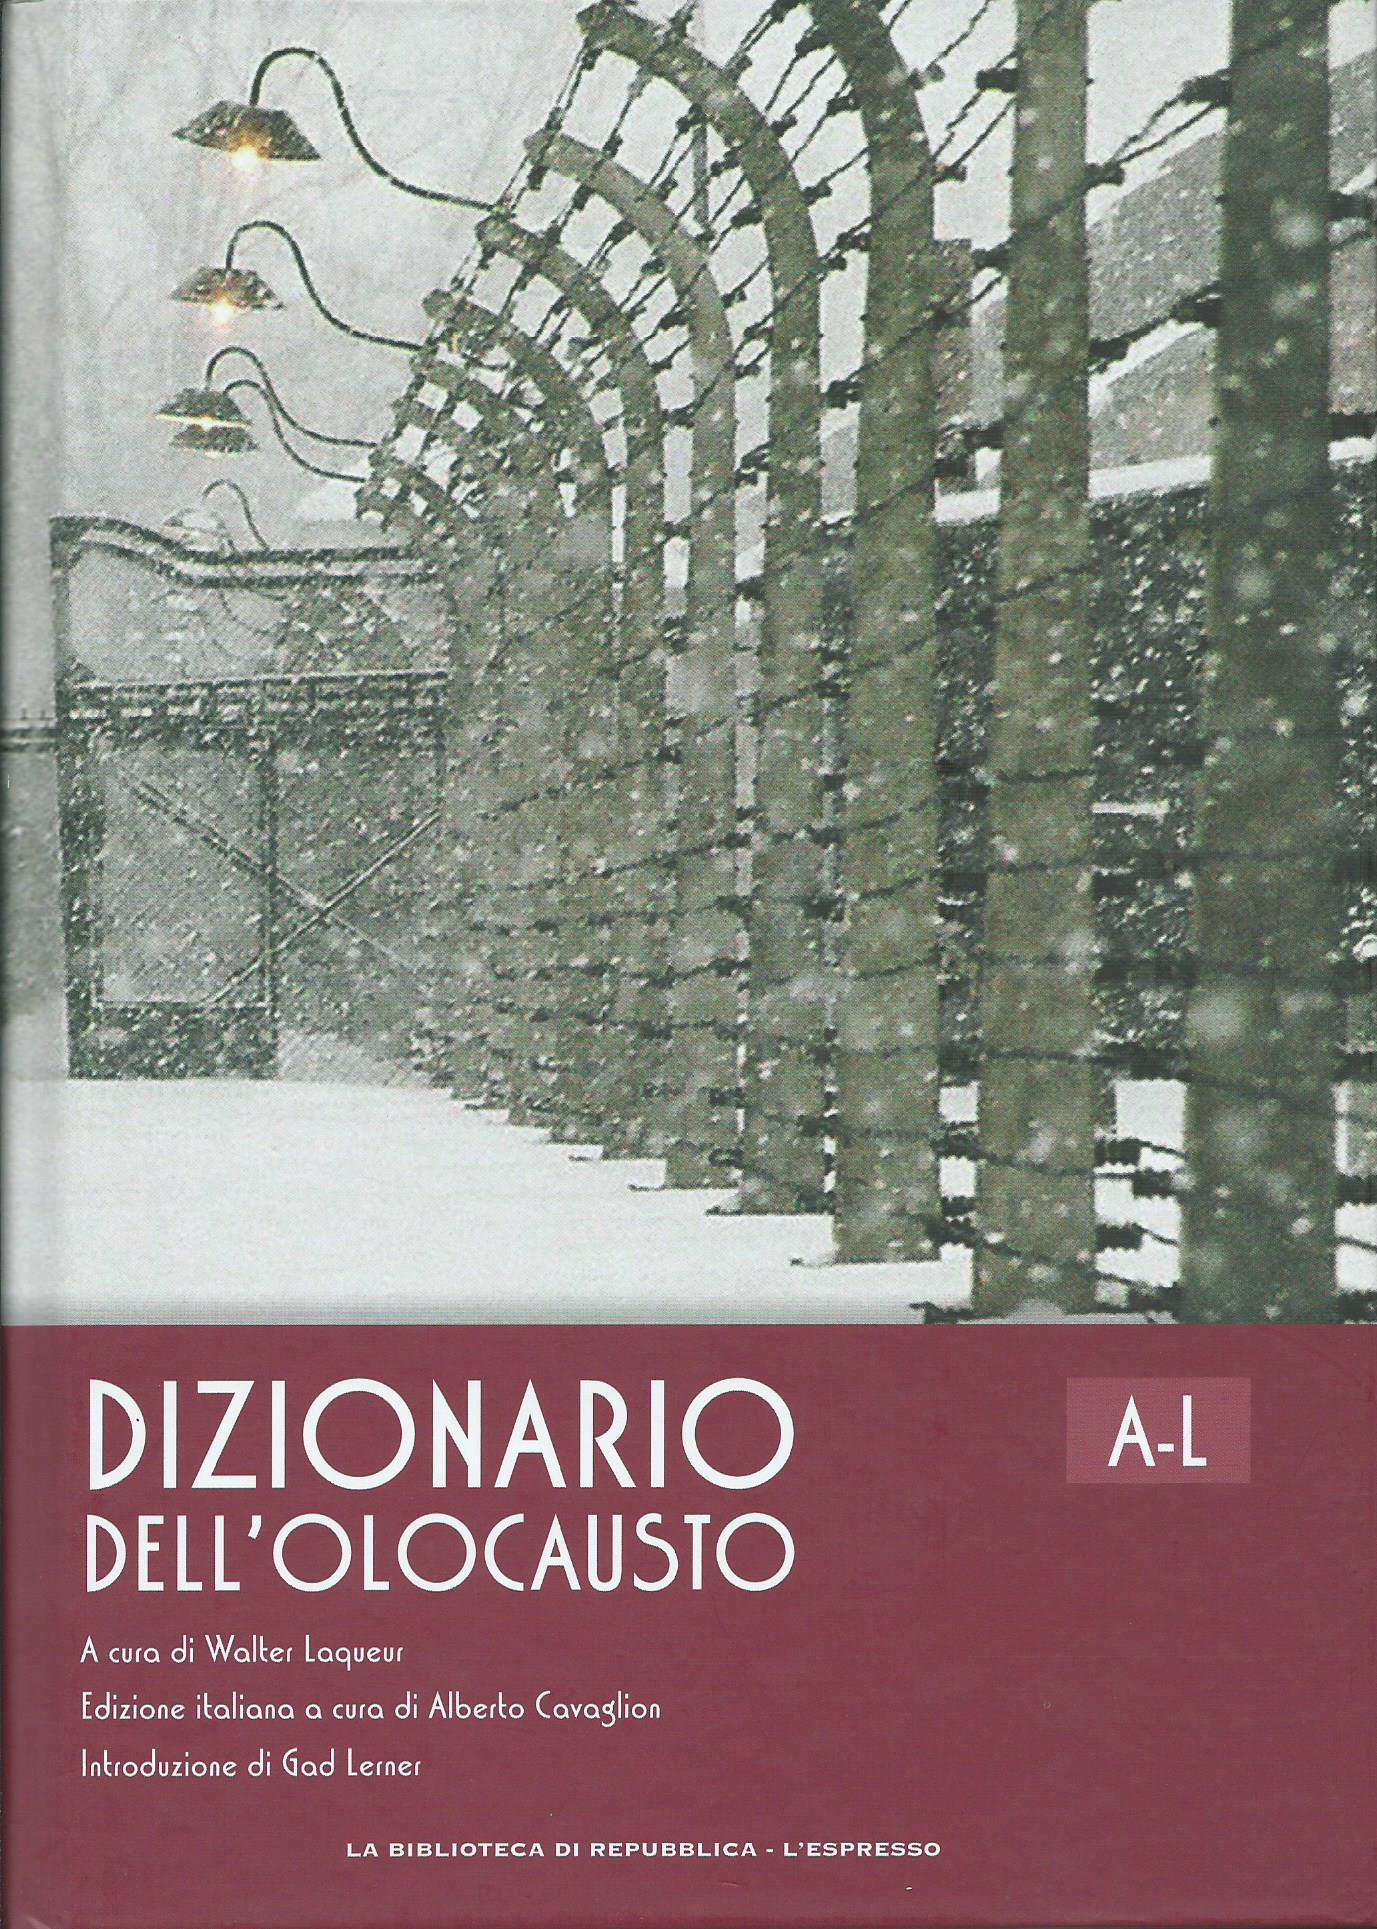 Dizionario dell'Olocausto A-L